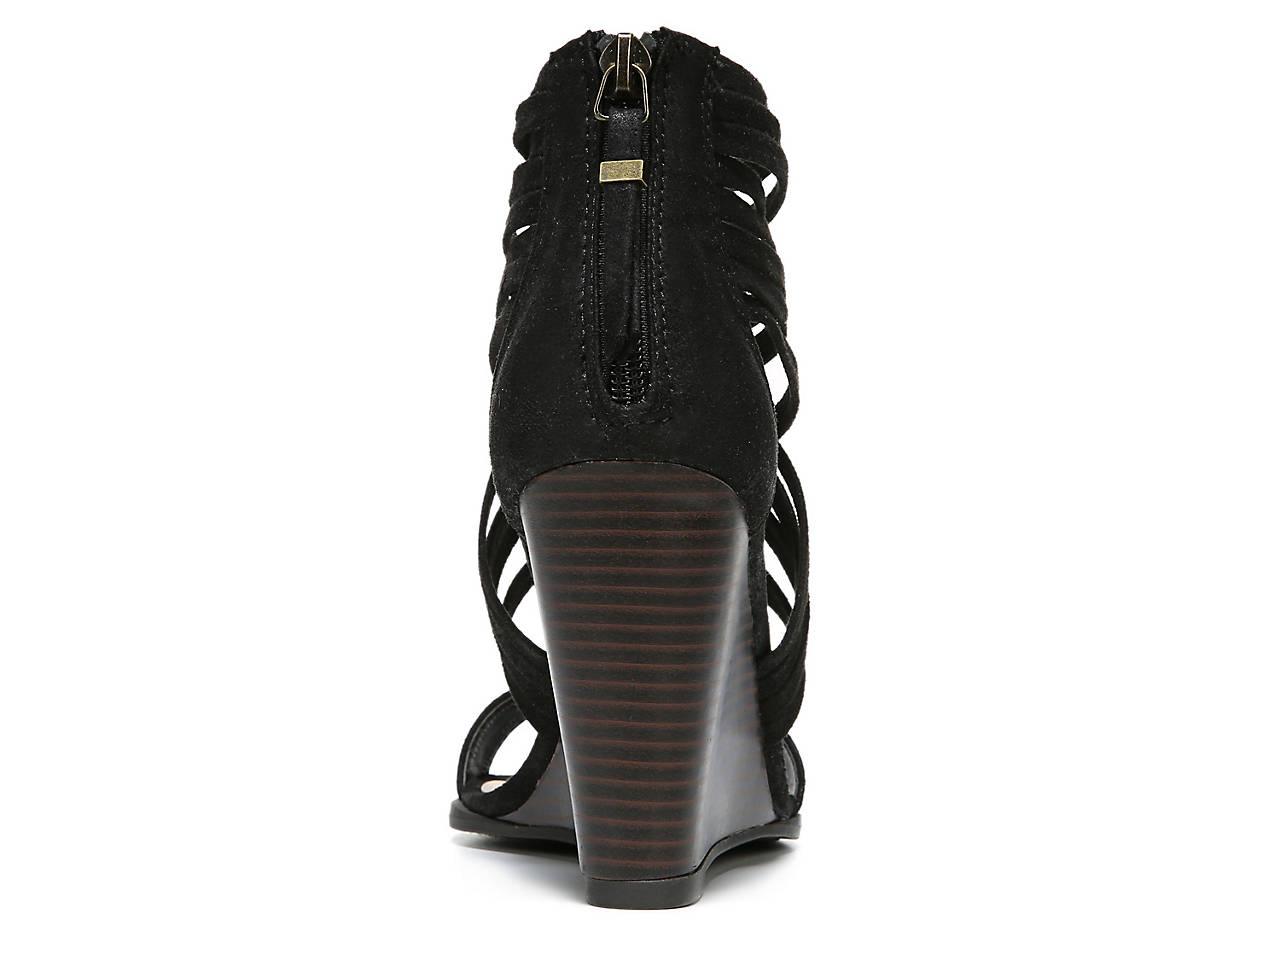 6d03a94d6a37 Fergalicious Hunter Wedge Sandal Women s Shoes